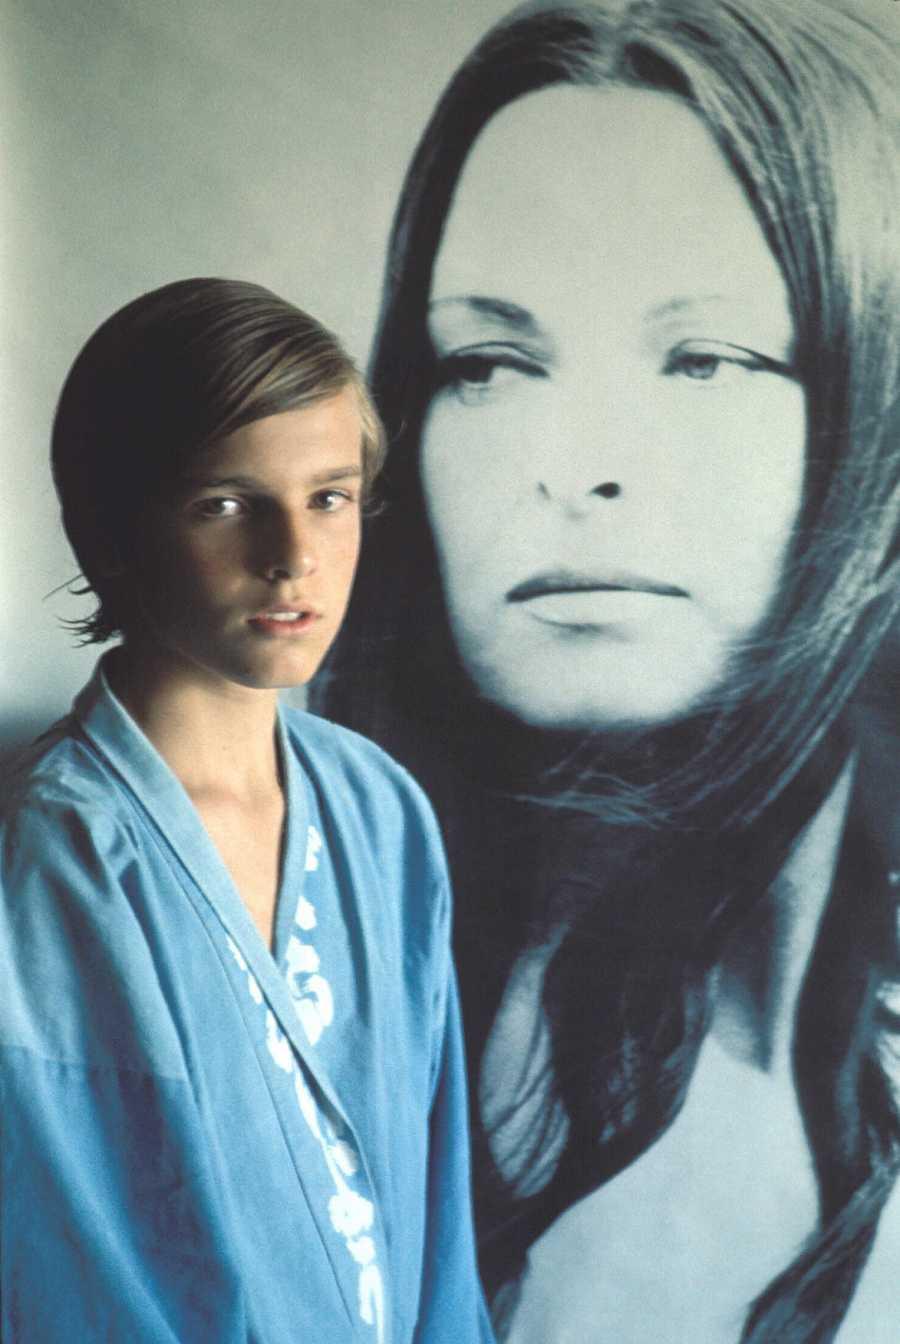 Miguel Bosé junto a un retrato de su madre